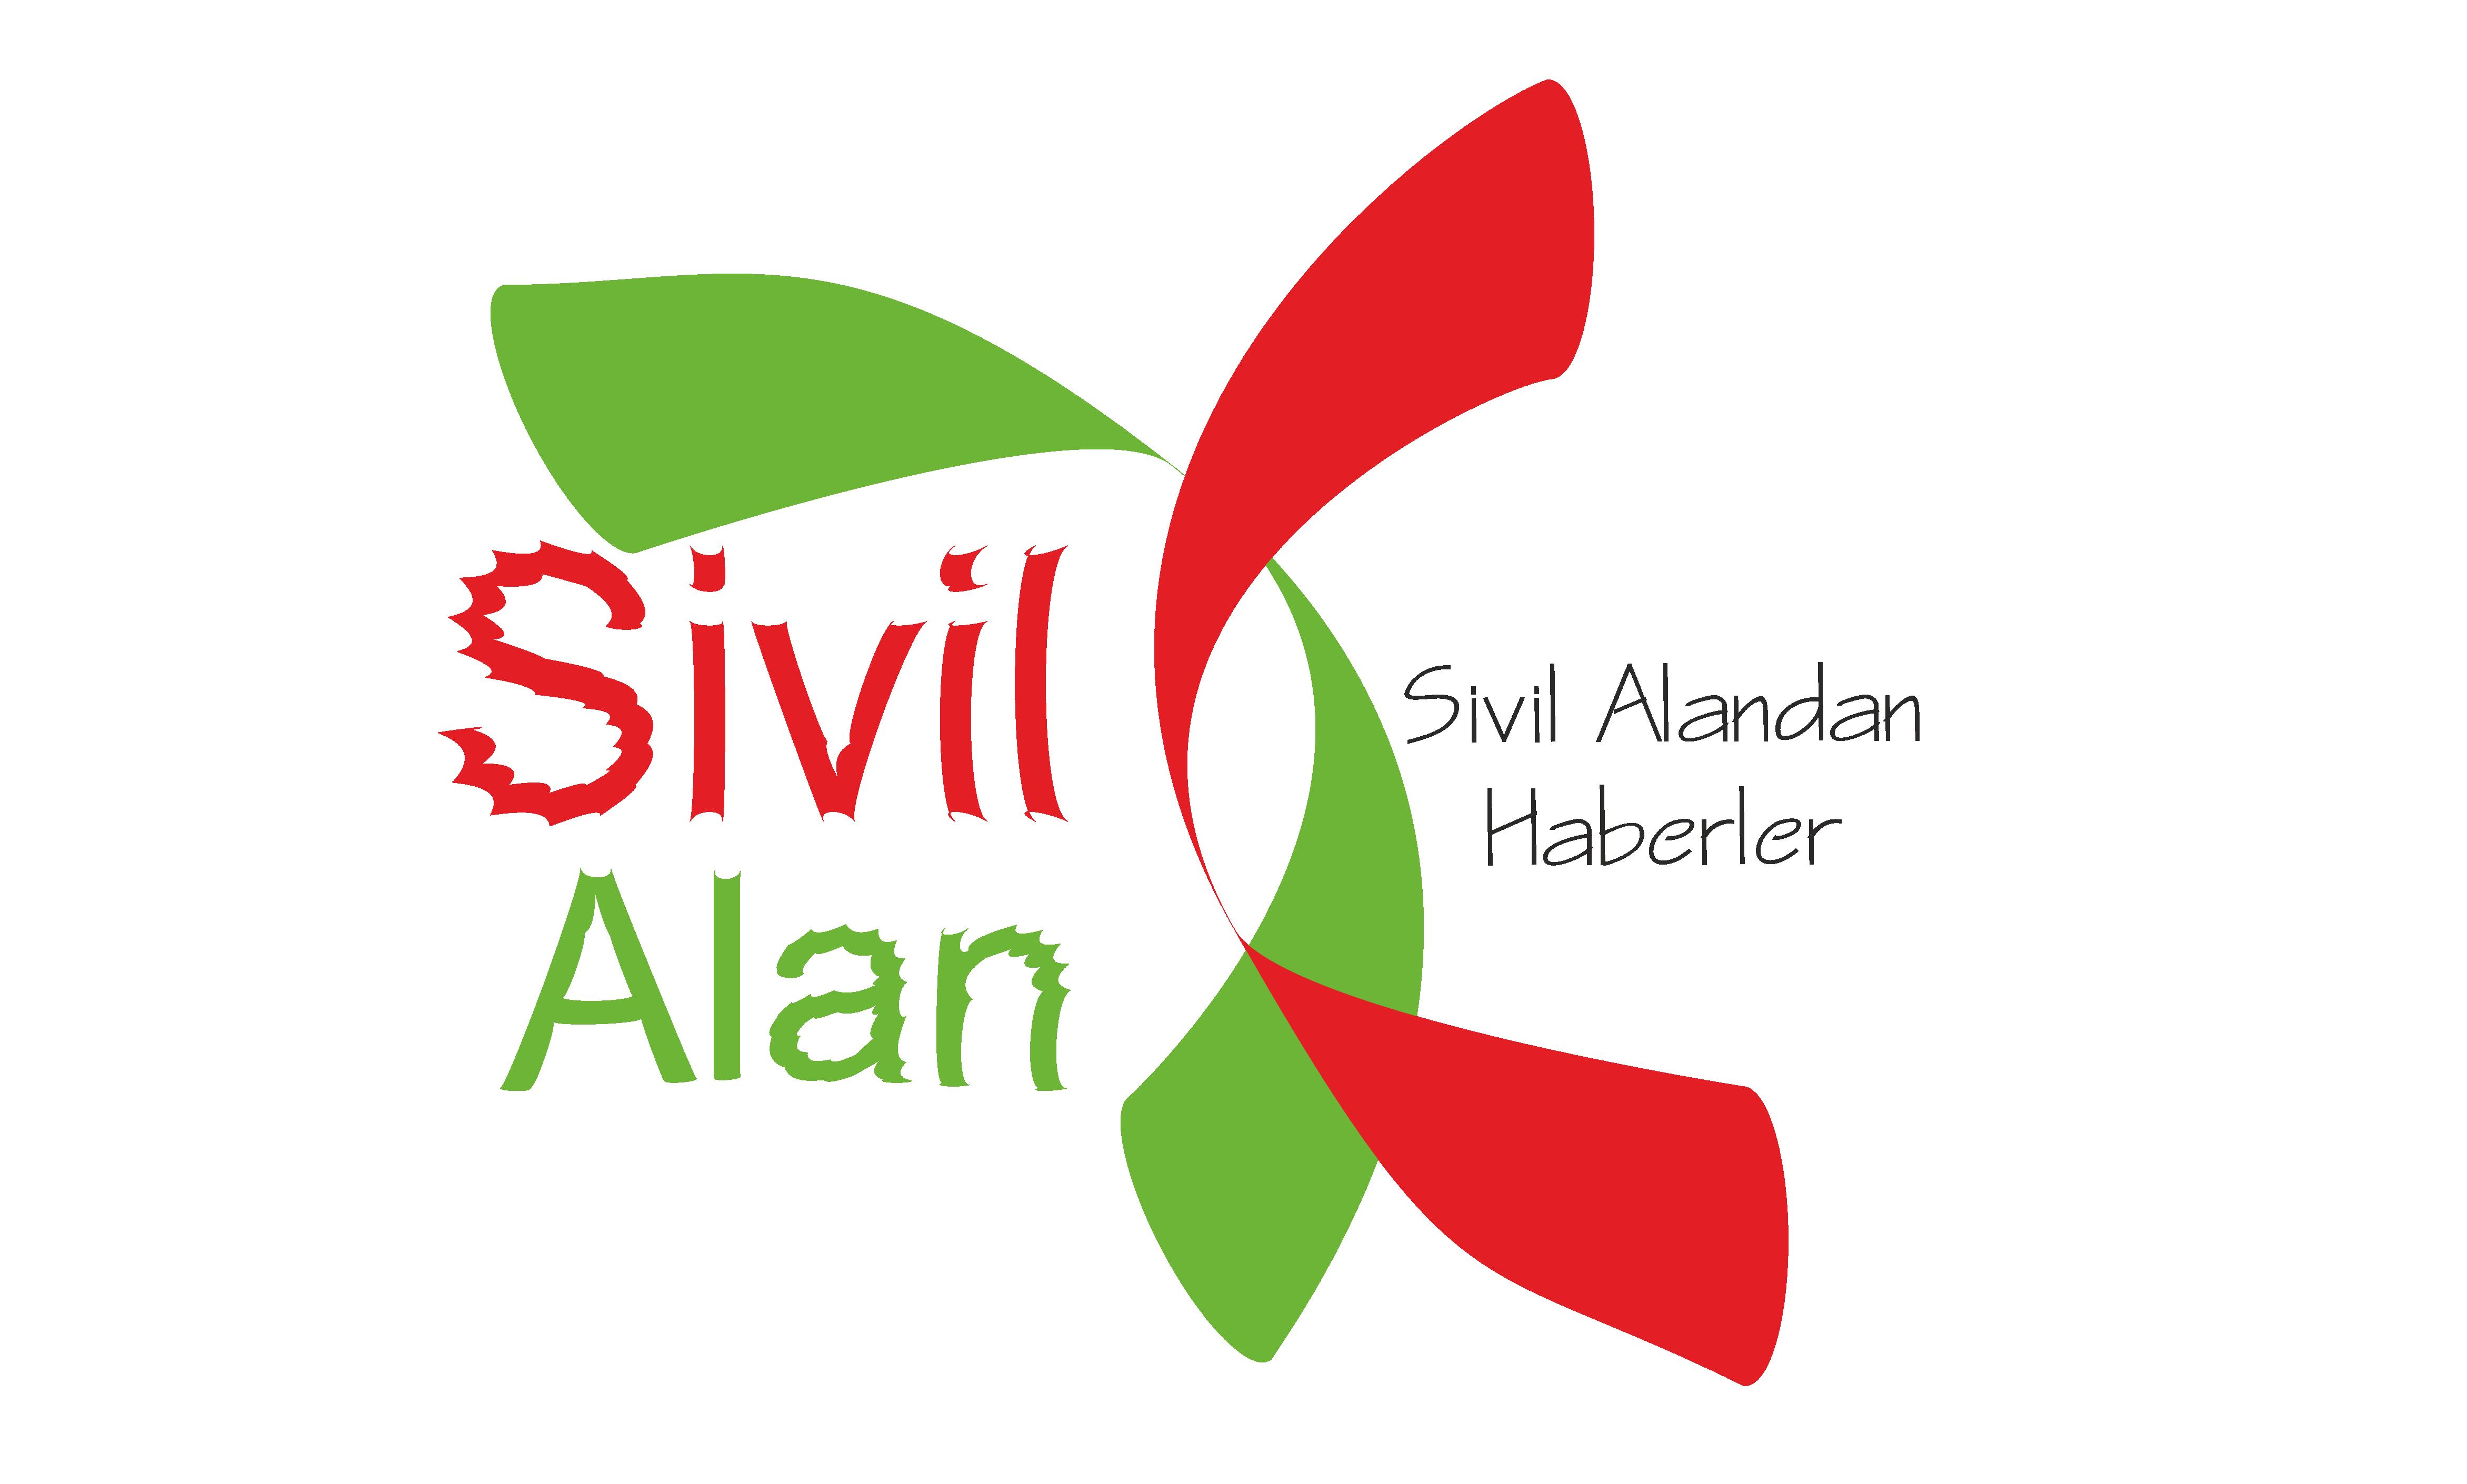 Sivil Alan